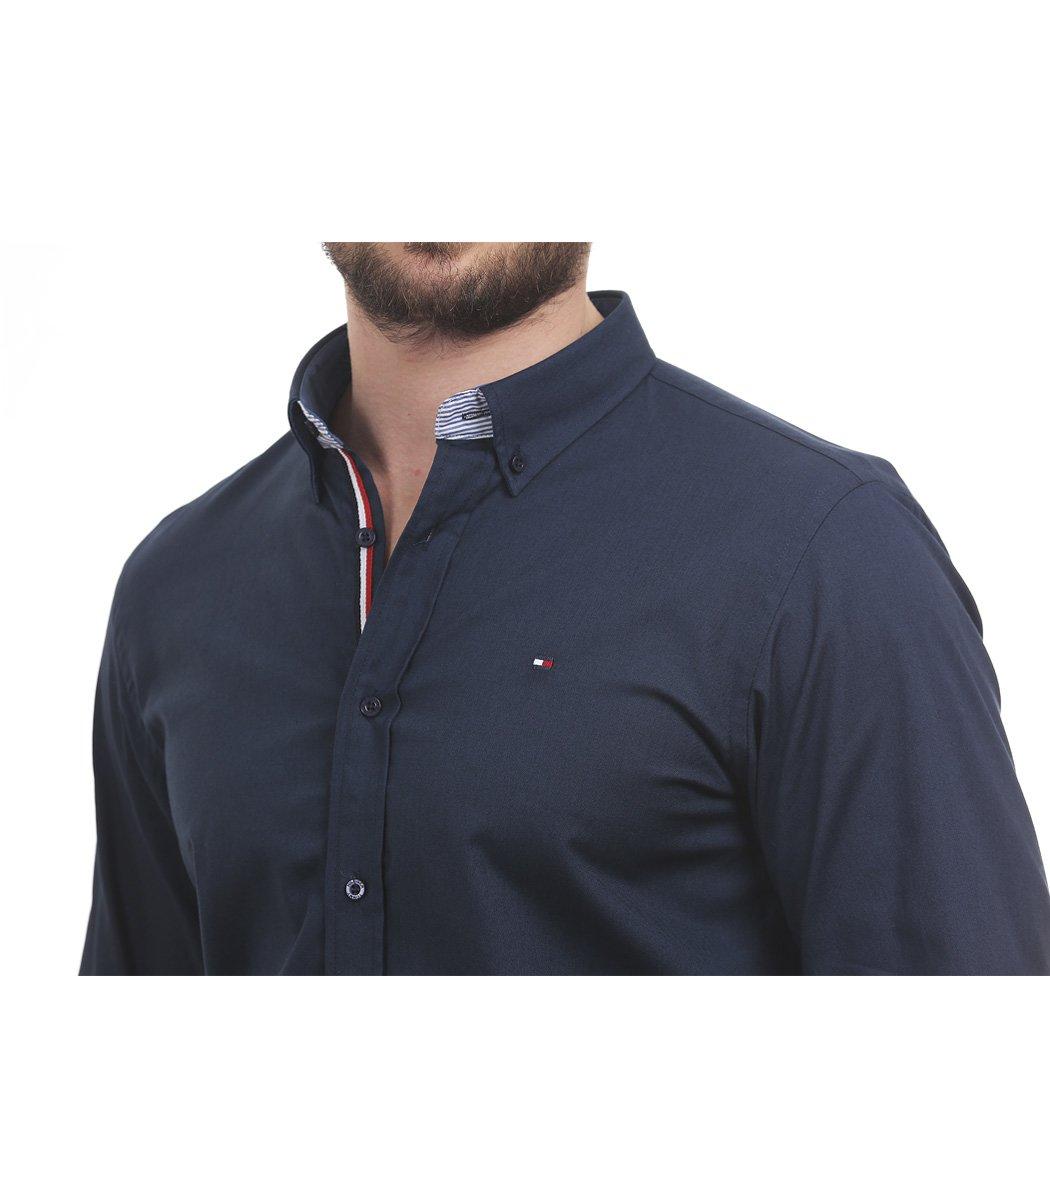 Темно-синяя рубашка Tommy Hilfiger classic - Темно-синий - Вид 4